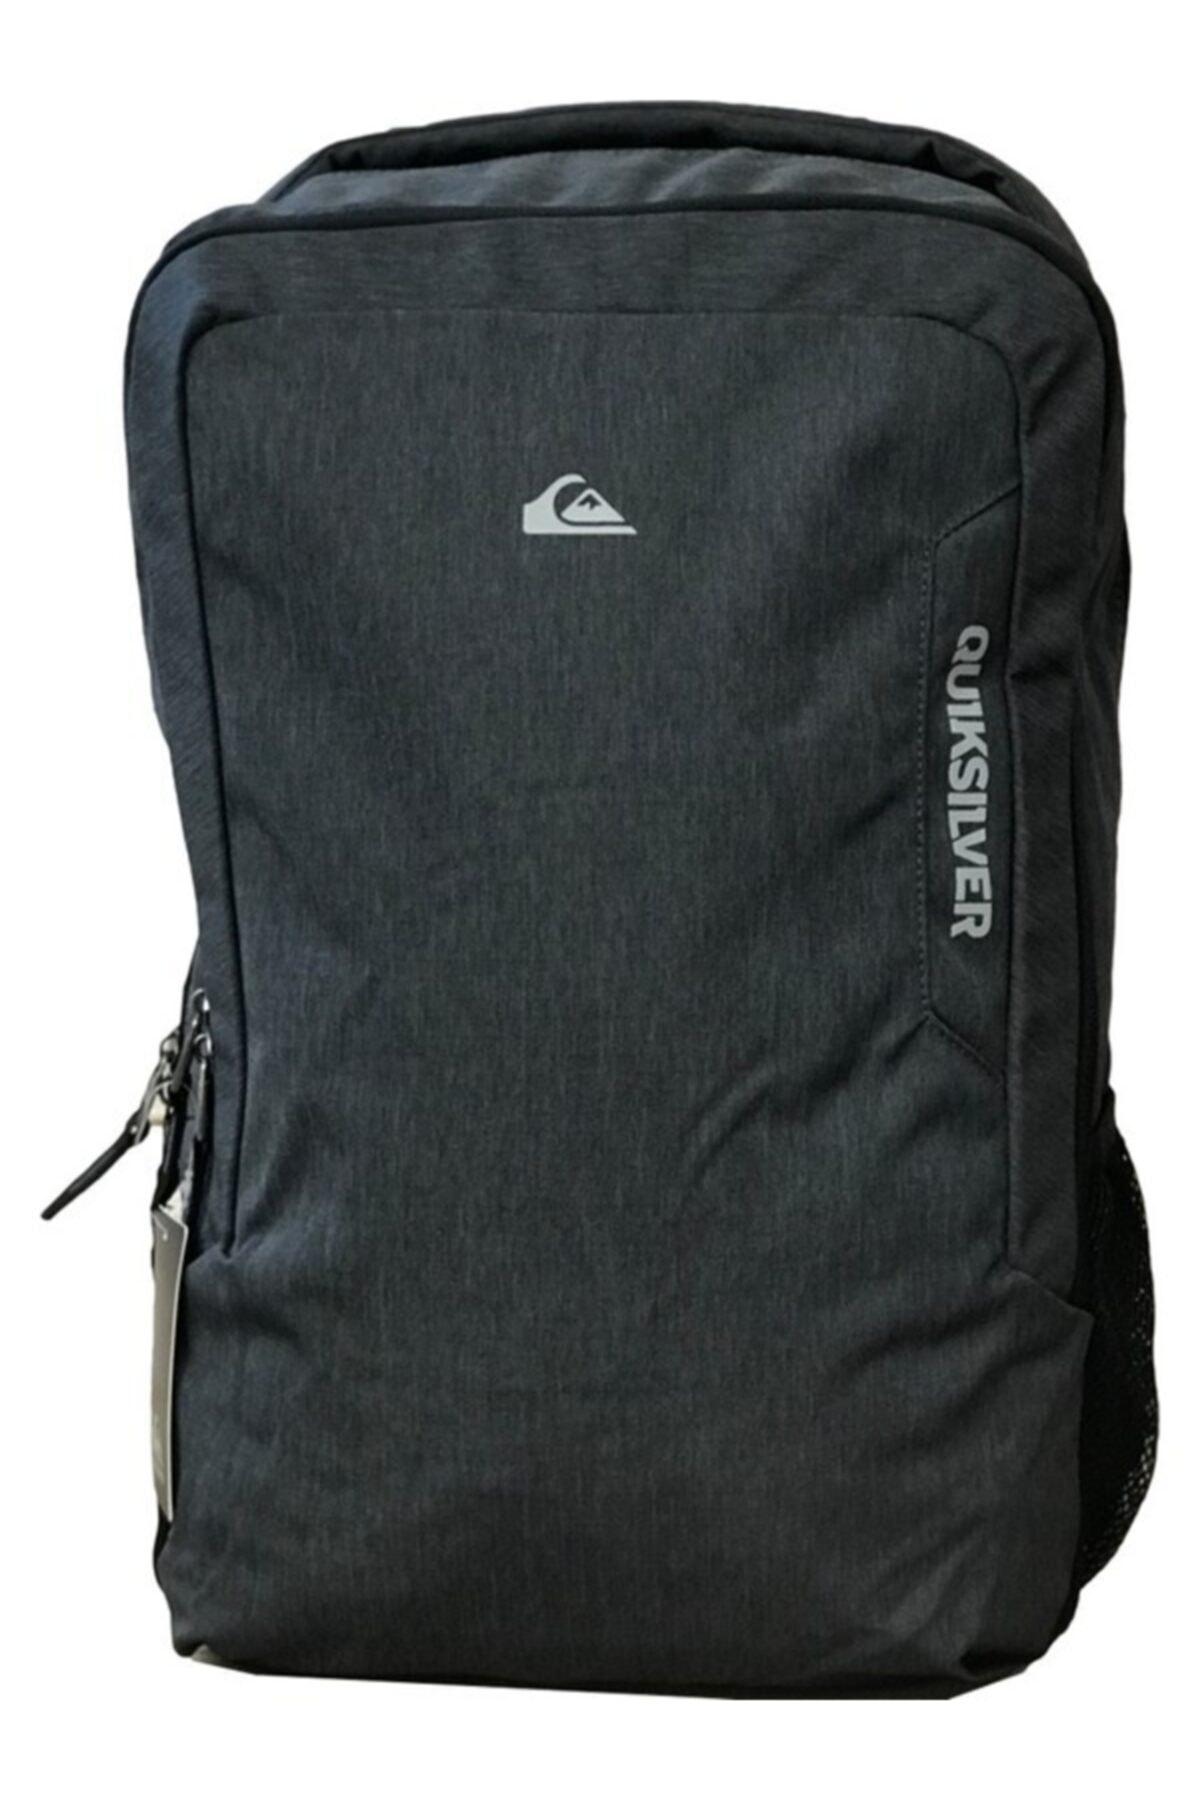 Quiksilver Quıksılver Everyday Backpack V2 Kvj6 Teqybp07010-kvj 1